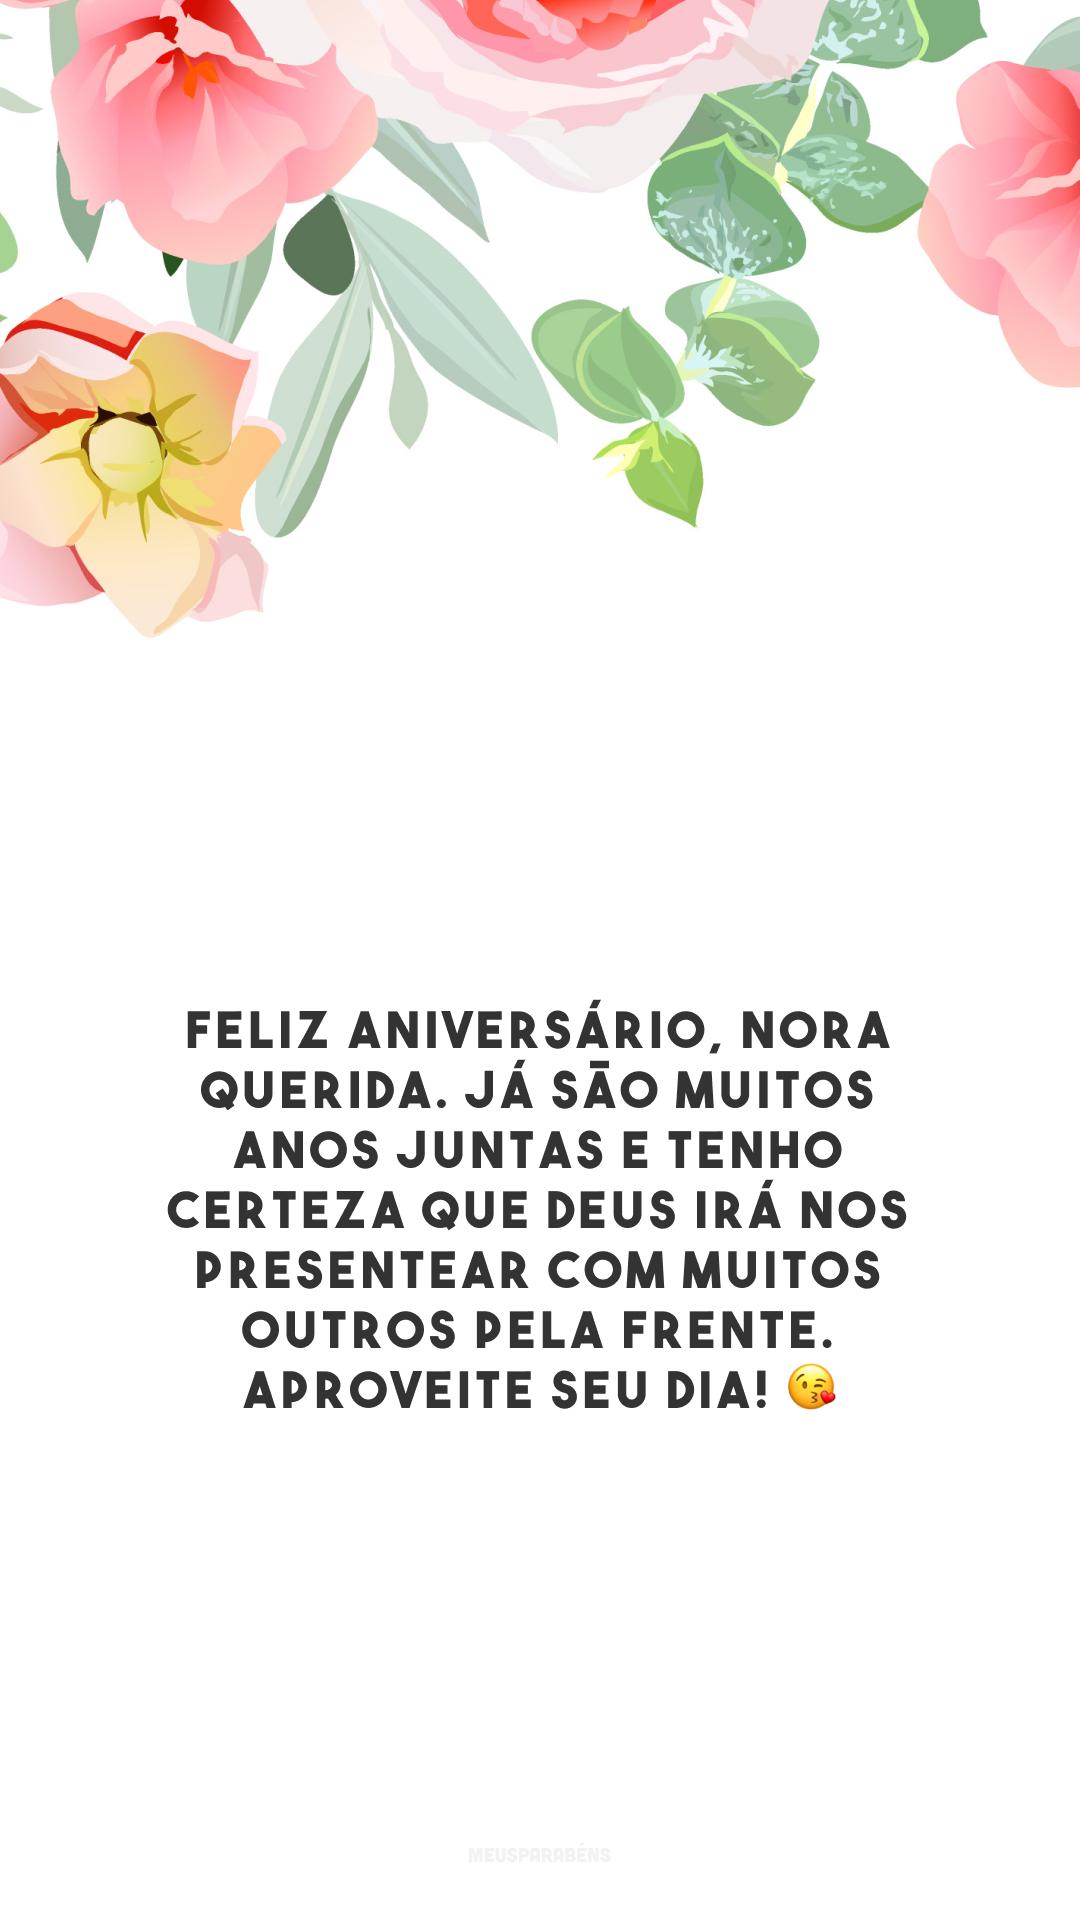 Feliz aniversário, nora querida. Já são muitos anos juntas e tenho certeza que Deus irá nos presentear com muitos outros pela frente. Aproveite seu dia! 😘